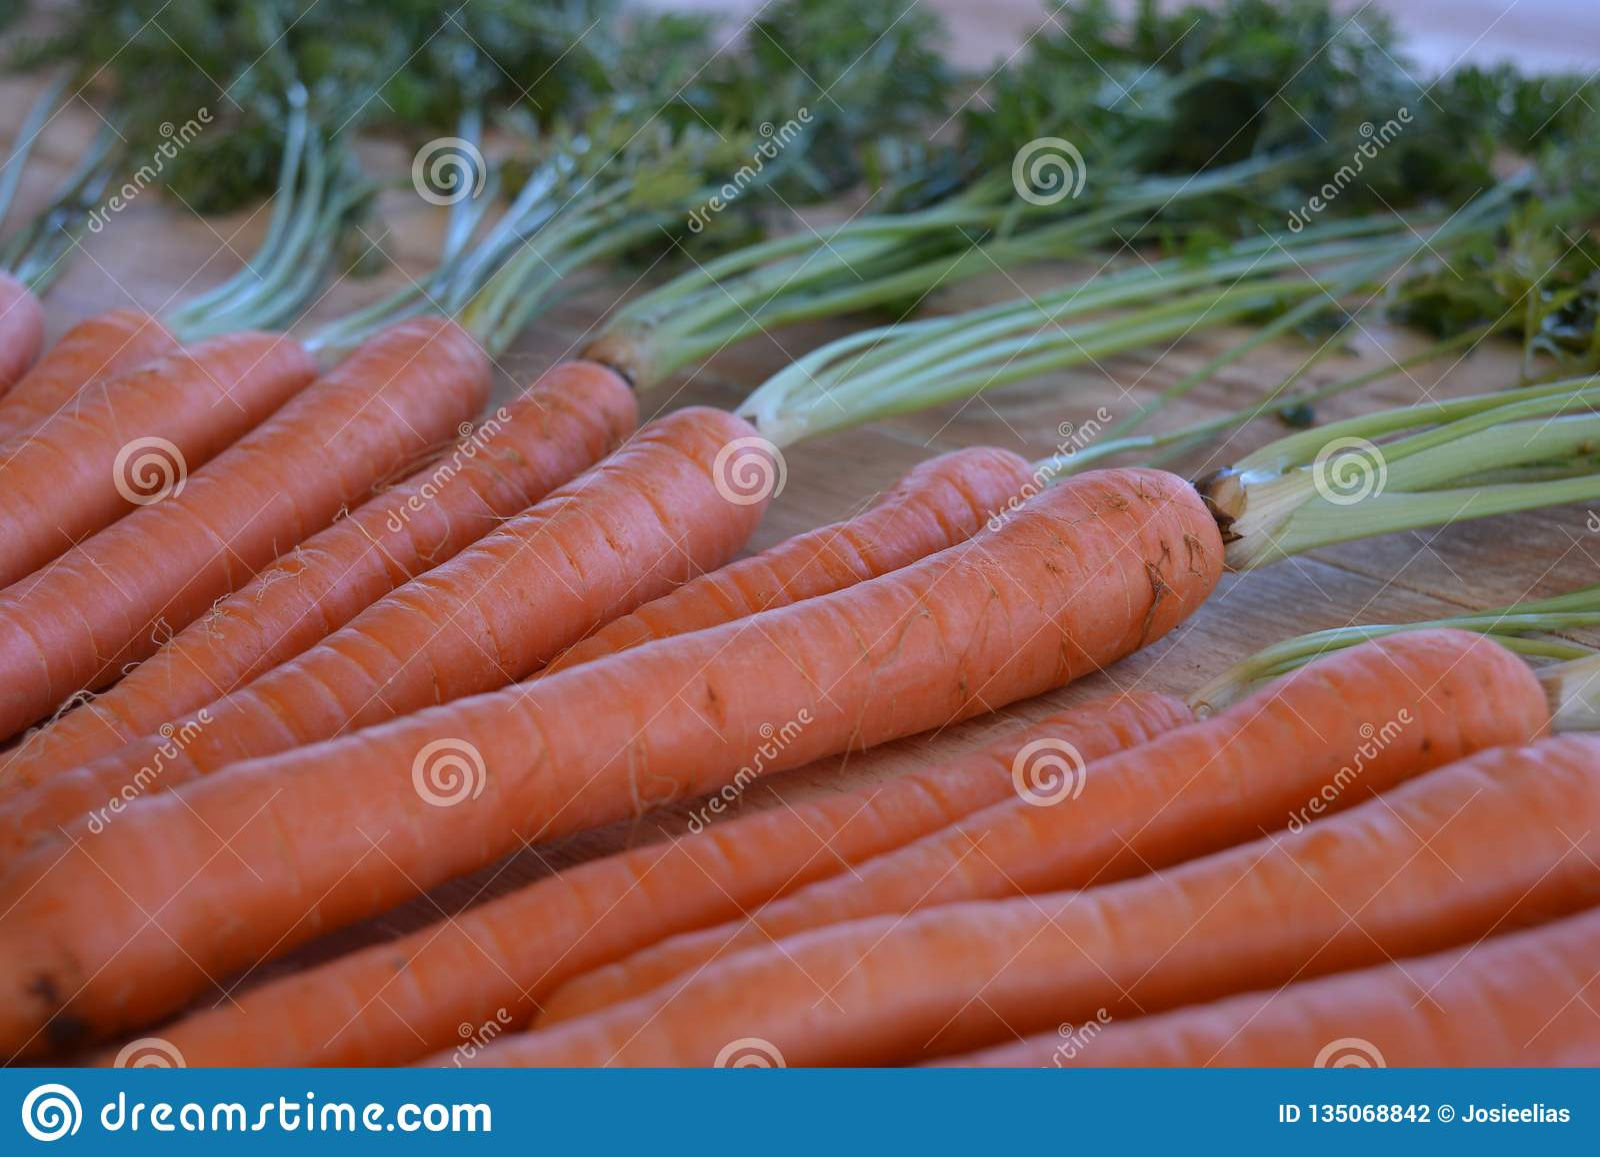 Escogio Recientemente Zanahorias Organicas Con Los Tops De La Zanahoria Foto De Archivo Imagen De Escogio Recientemente 135068842 Una zanahoria de oro es un tipo de comida que se consigue únicamente mezclando 8 pepitas de oro y una zanahoria. dreamstime